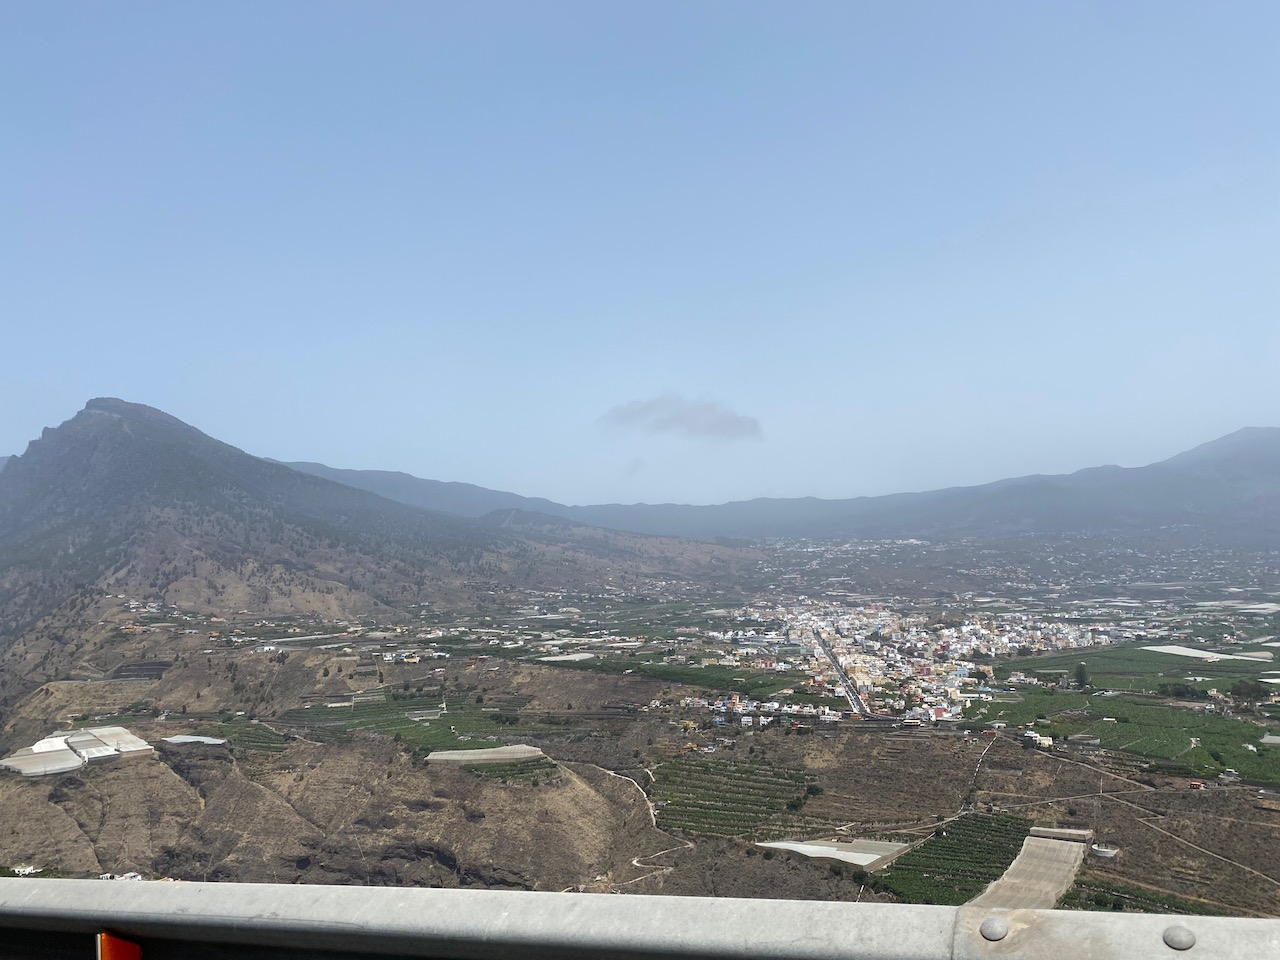 Descending into Tazacorte